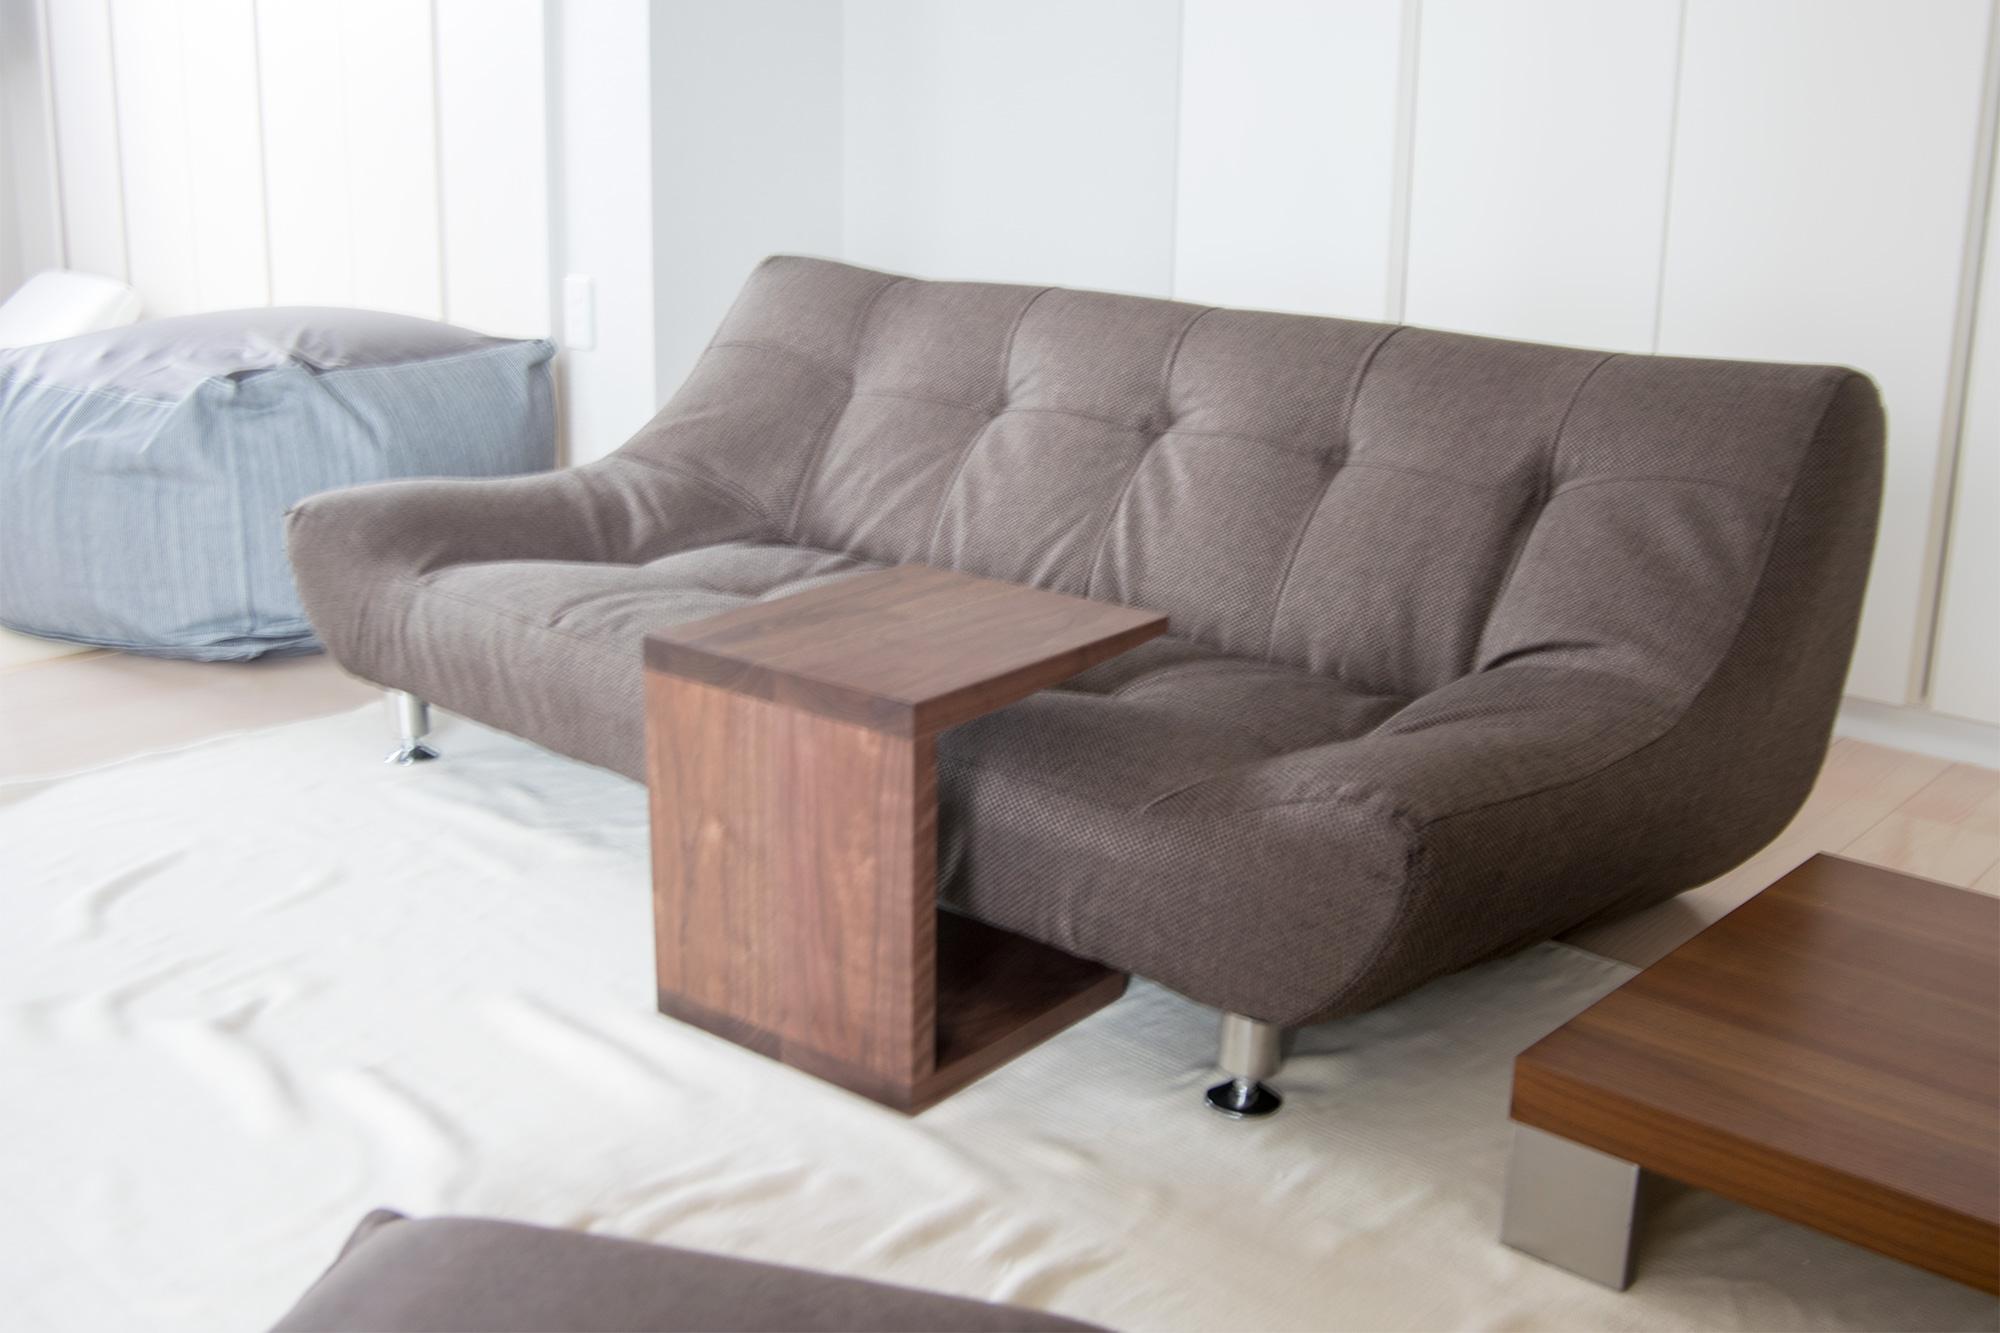 コの字型SOFA用テーブル